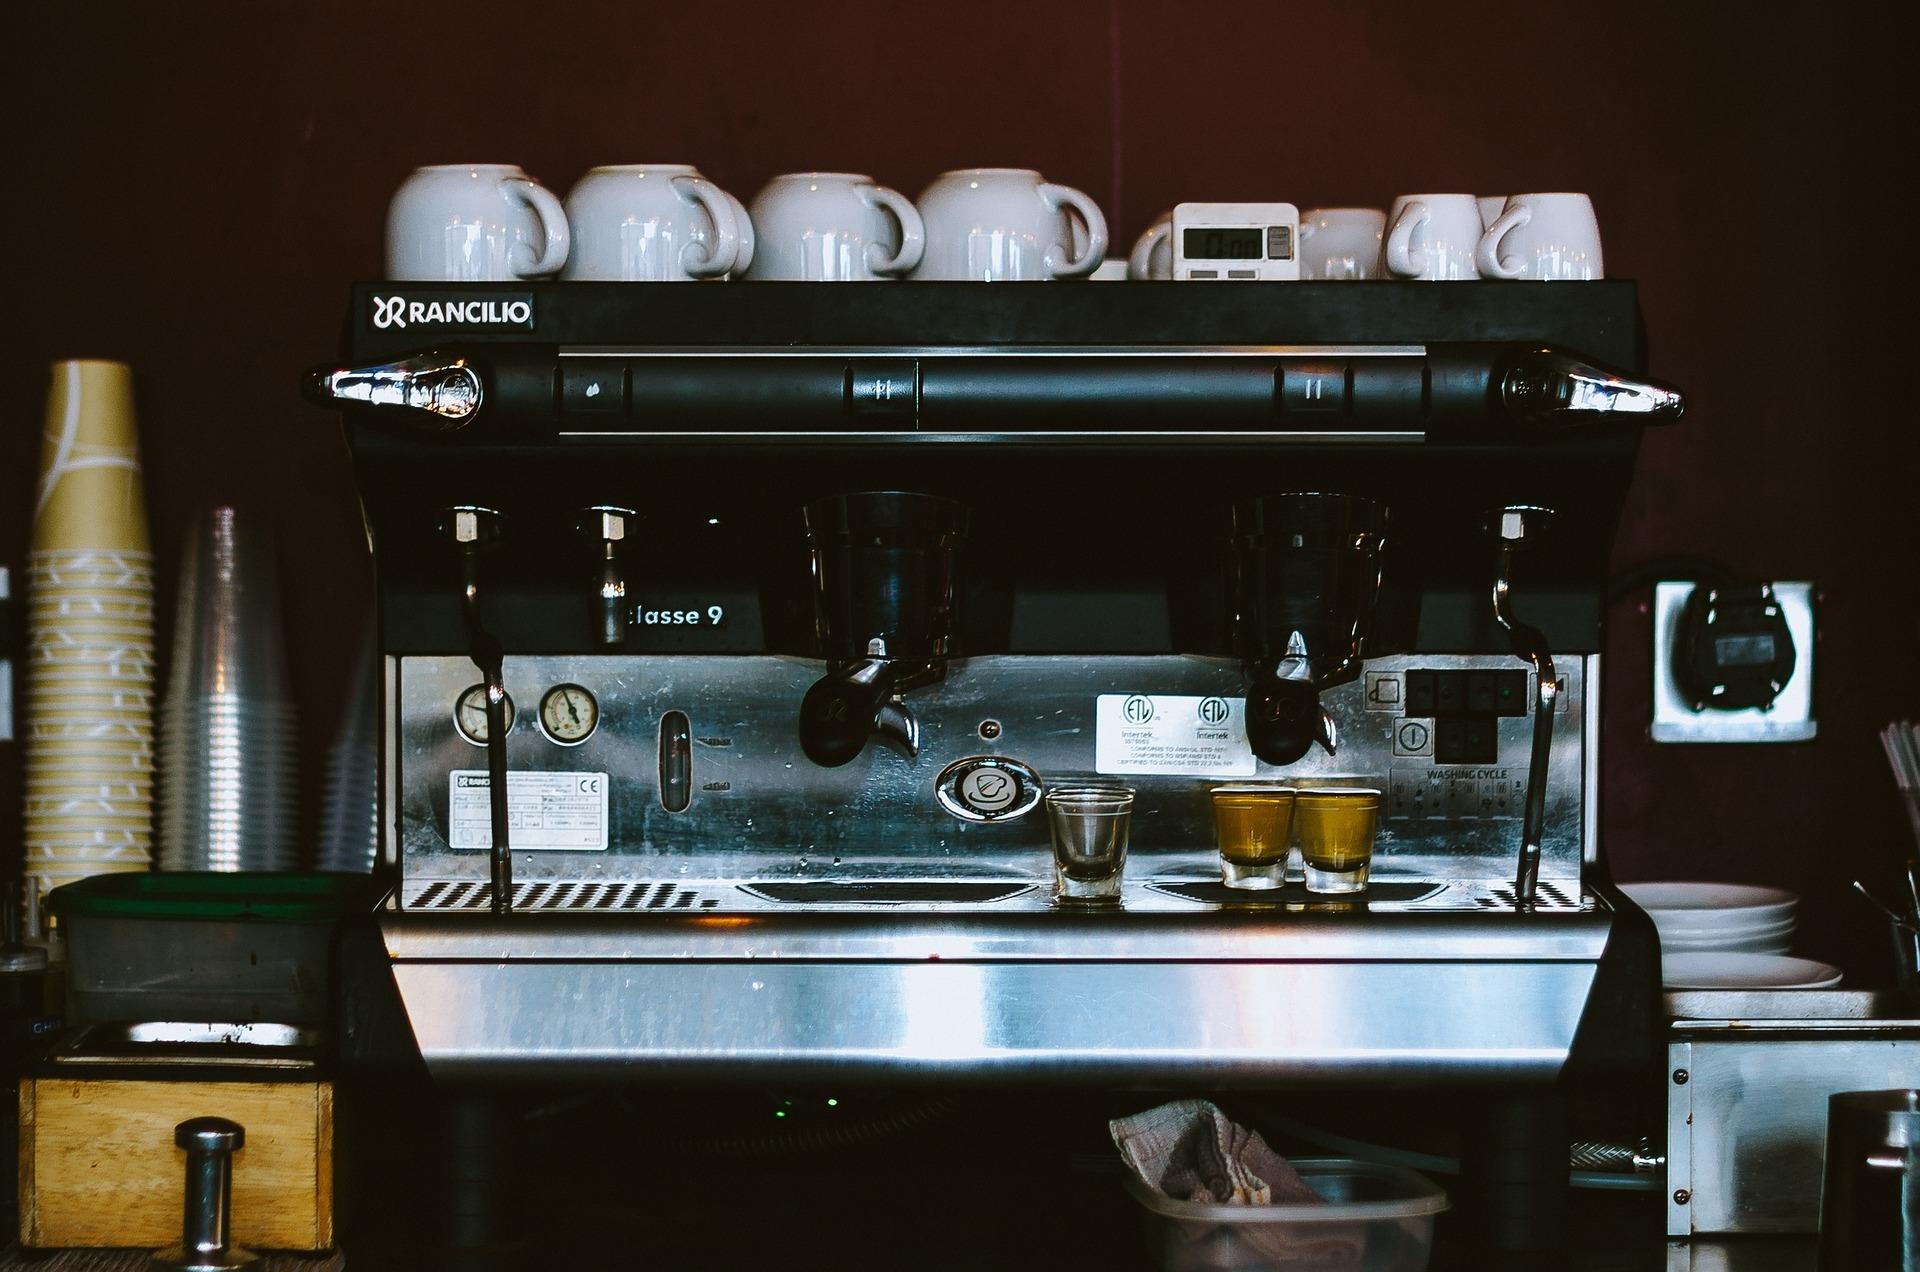 التكنولوجيا الخاصة بصناعة القهوة